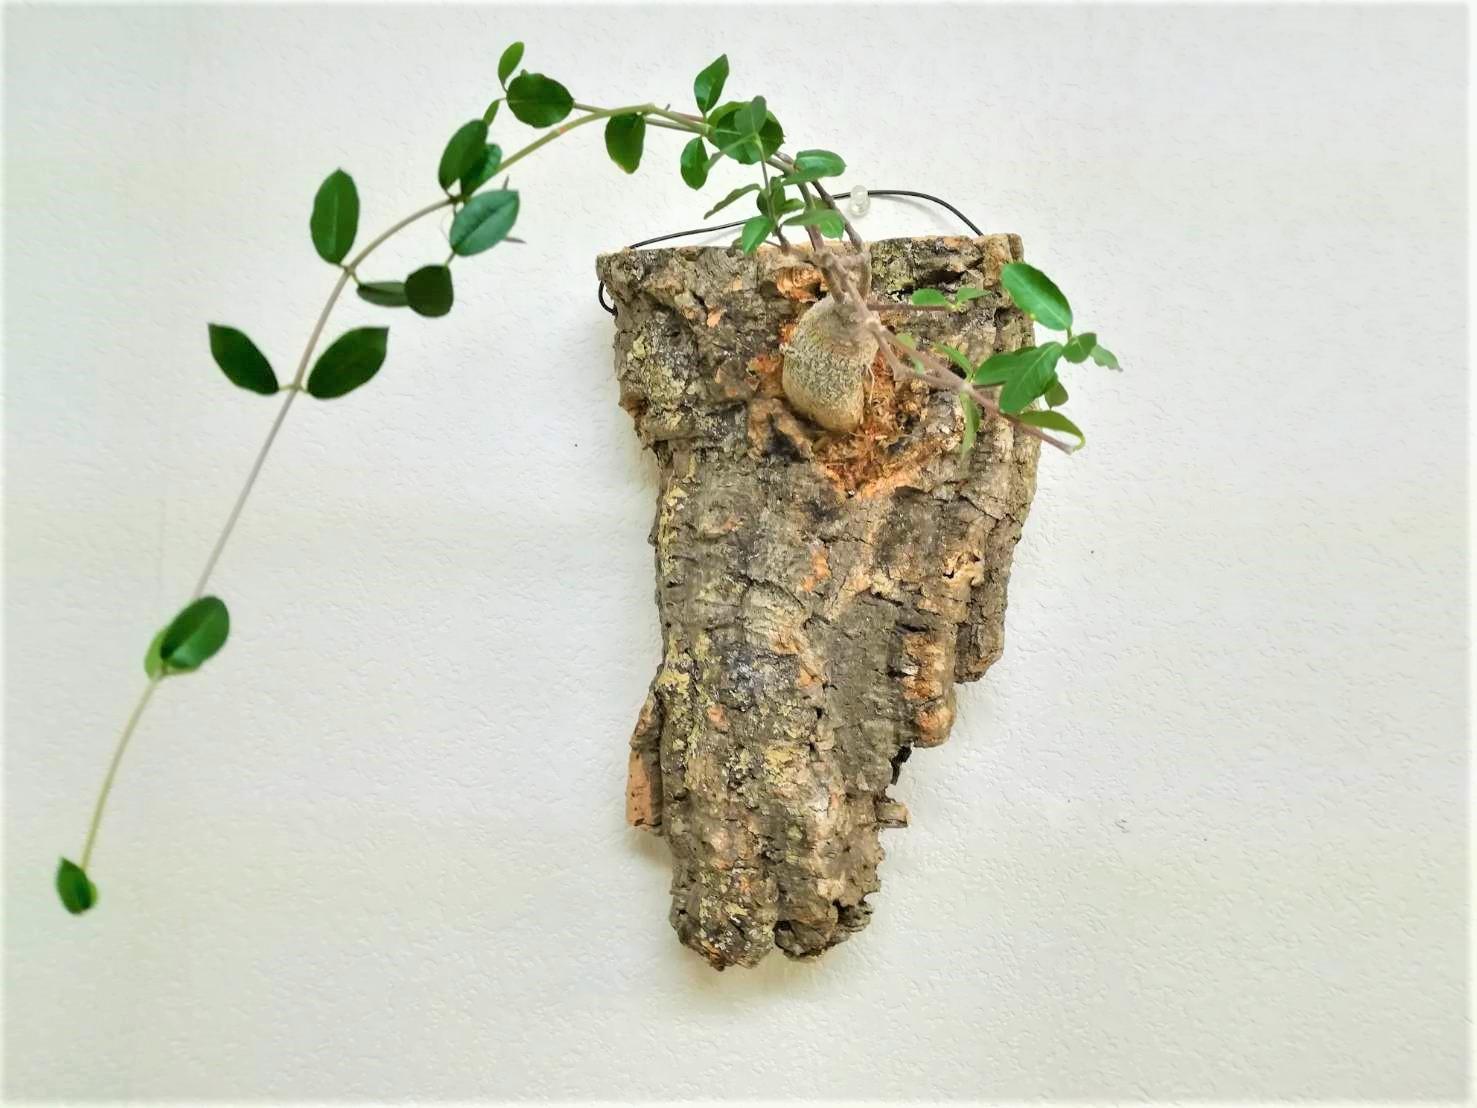 塊根(多肉)植物をコルク仕立てにする方法!≪ありえない火星人の着生≫